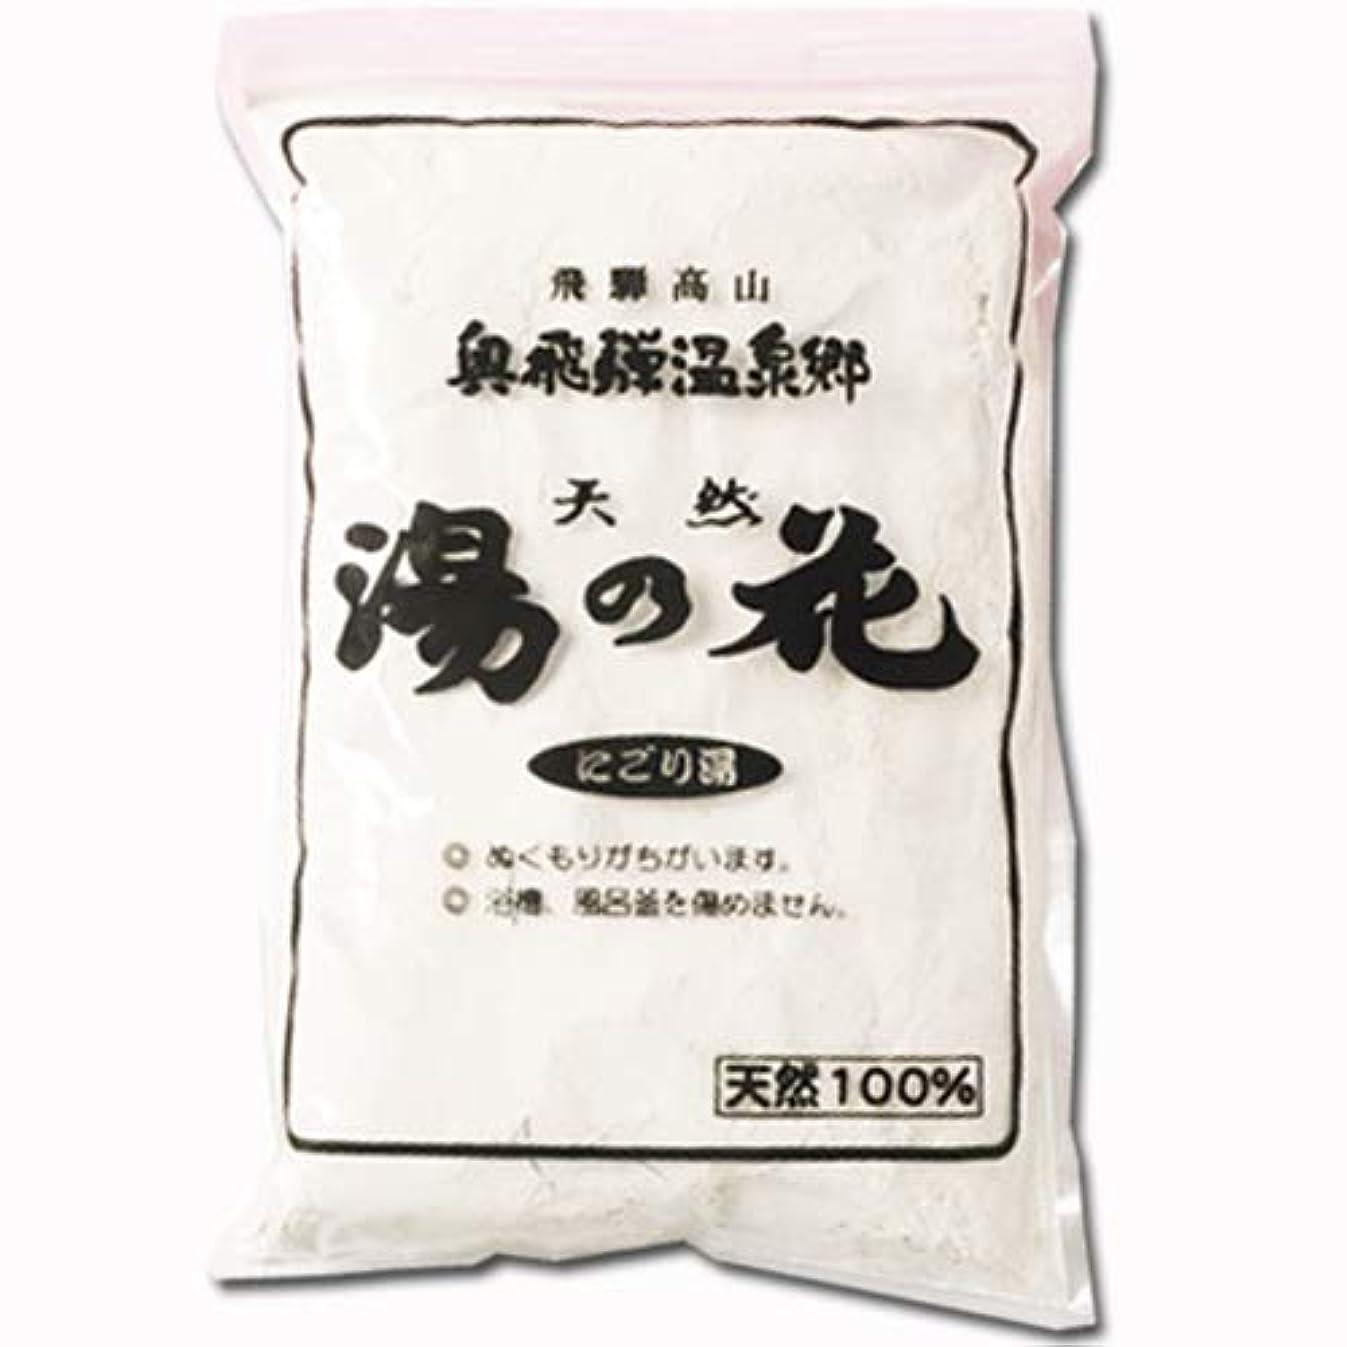 腹よく話される取り壊す天然湯の花 (業務用) 1kg (飛騨高山温泉郷 にごり湯)